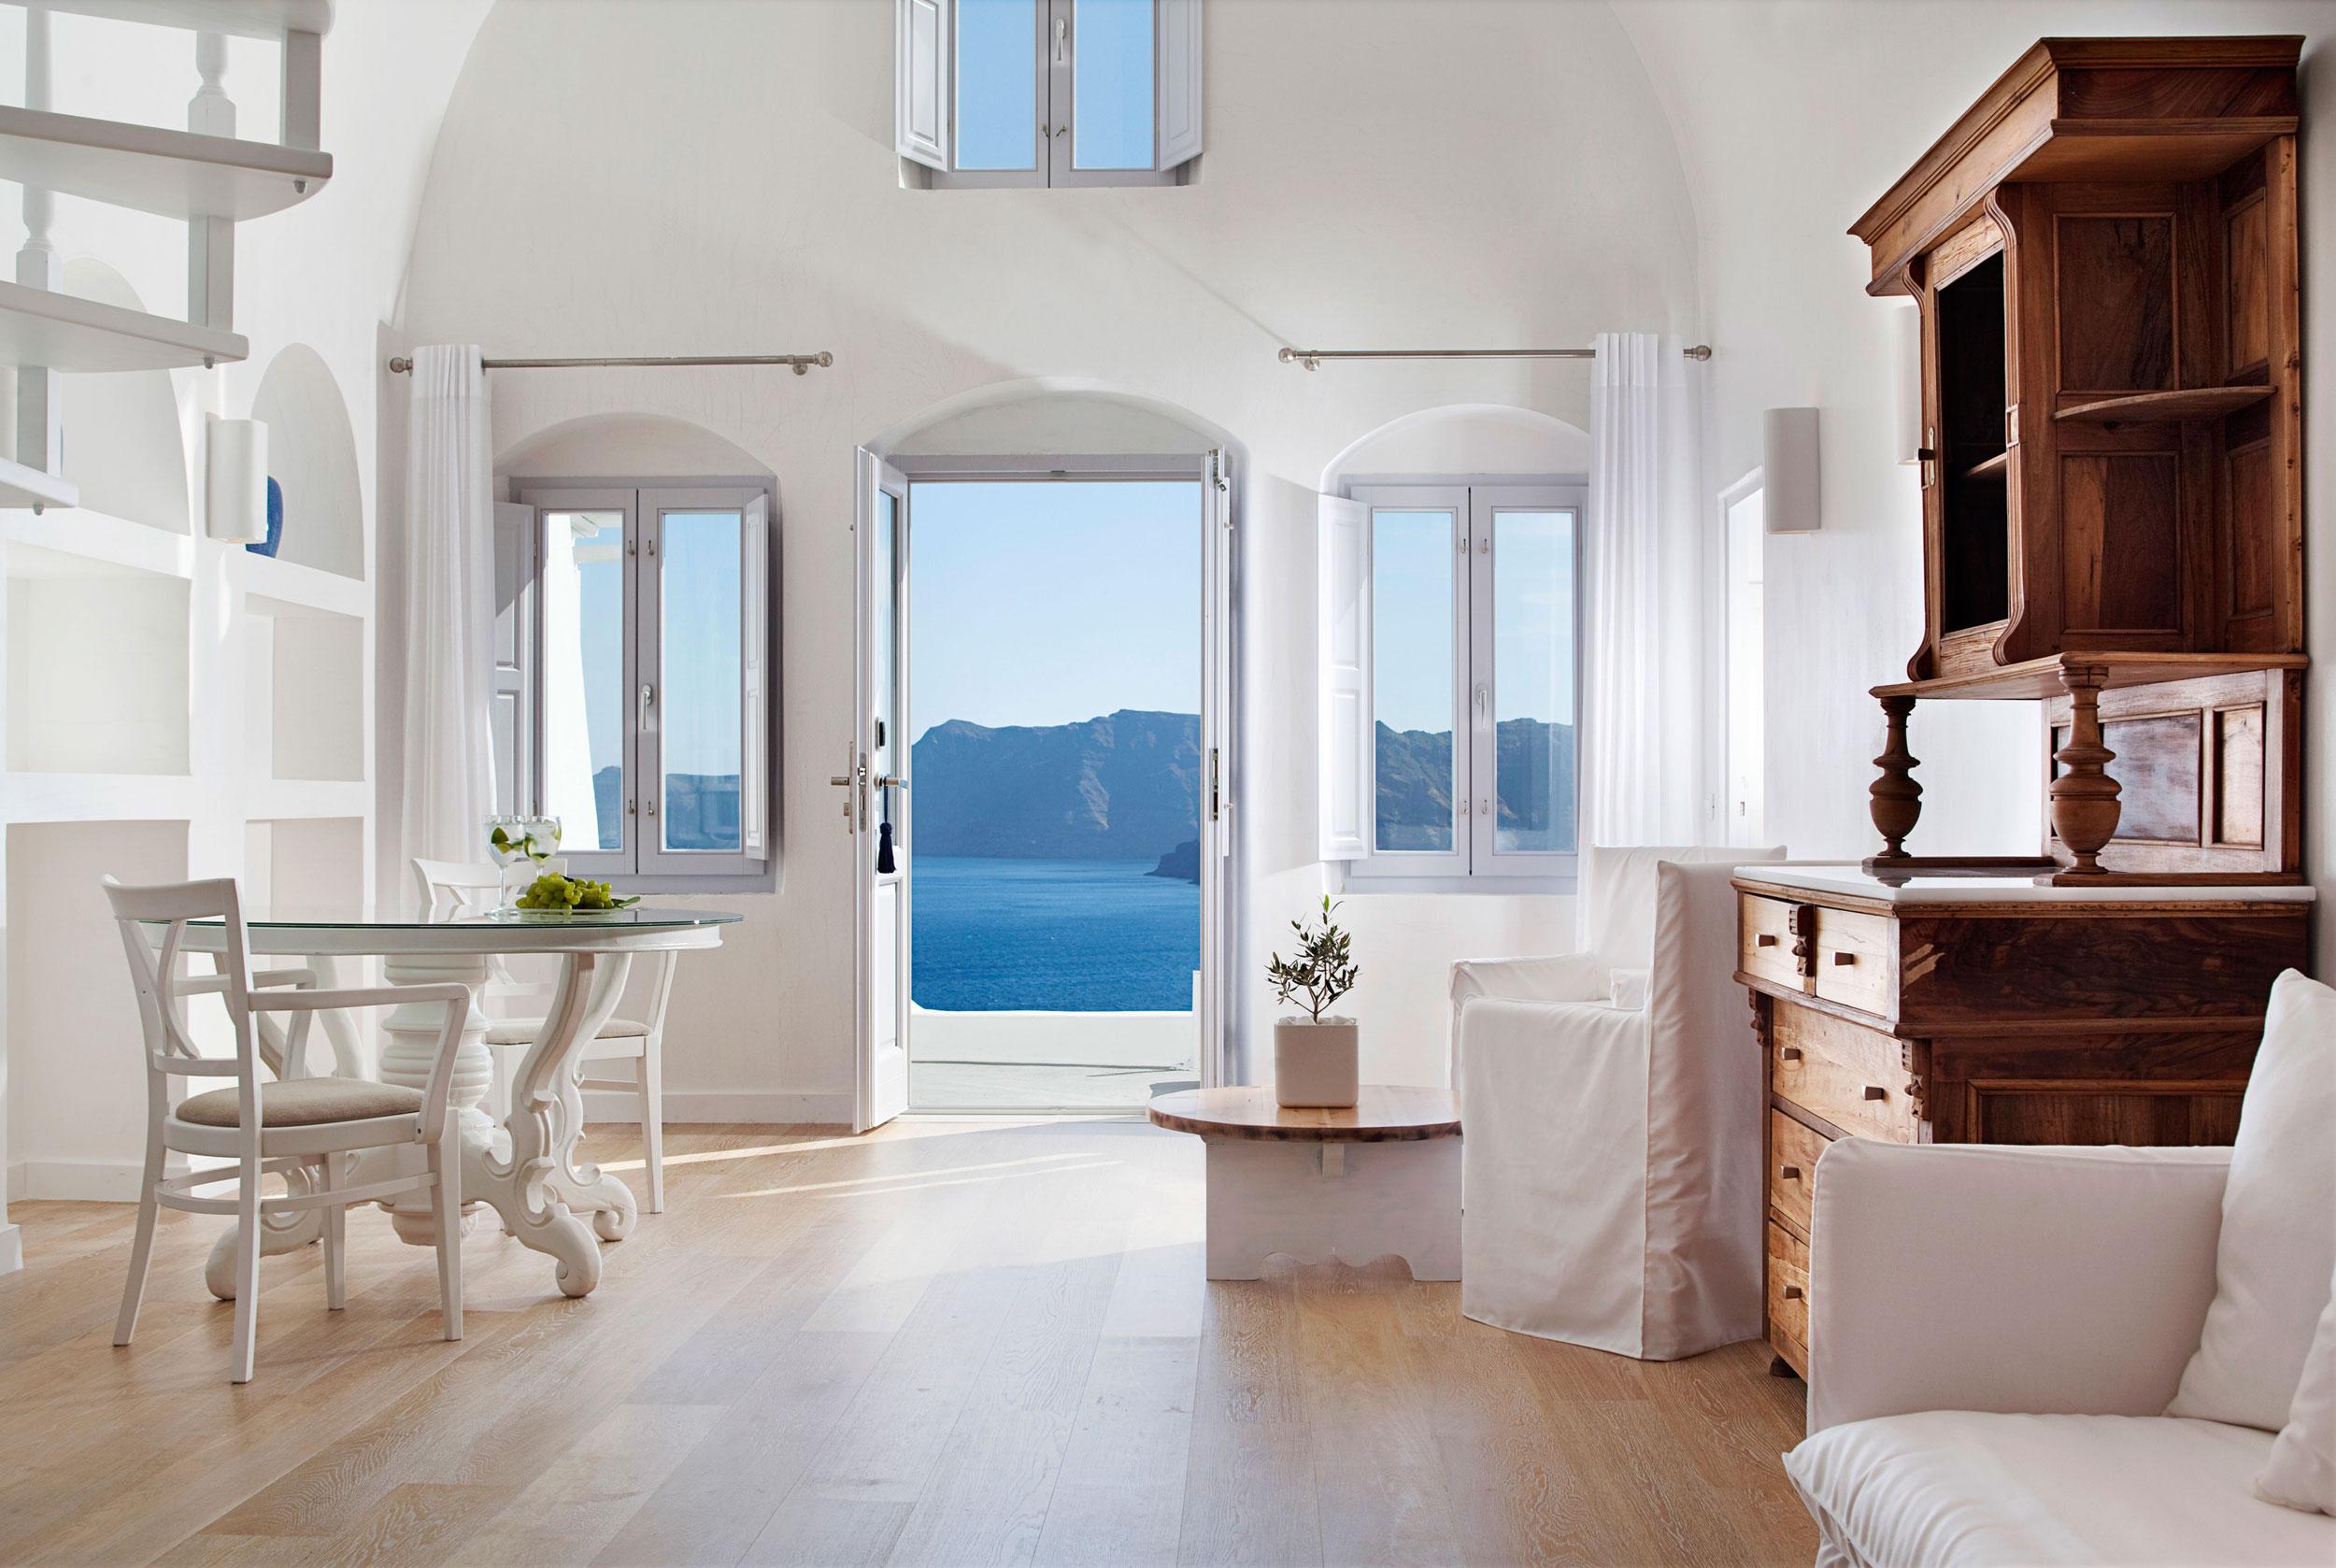 Эгейское море и белоснежный интерьер отеля katikies - home a.